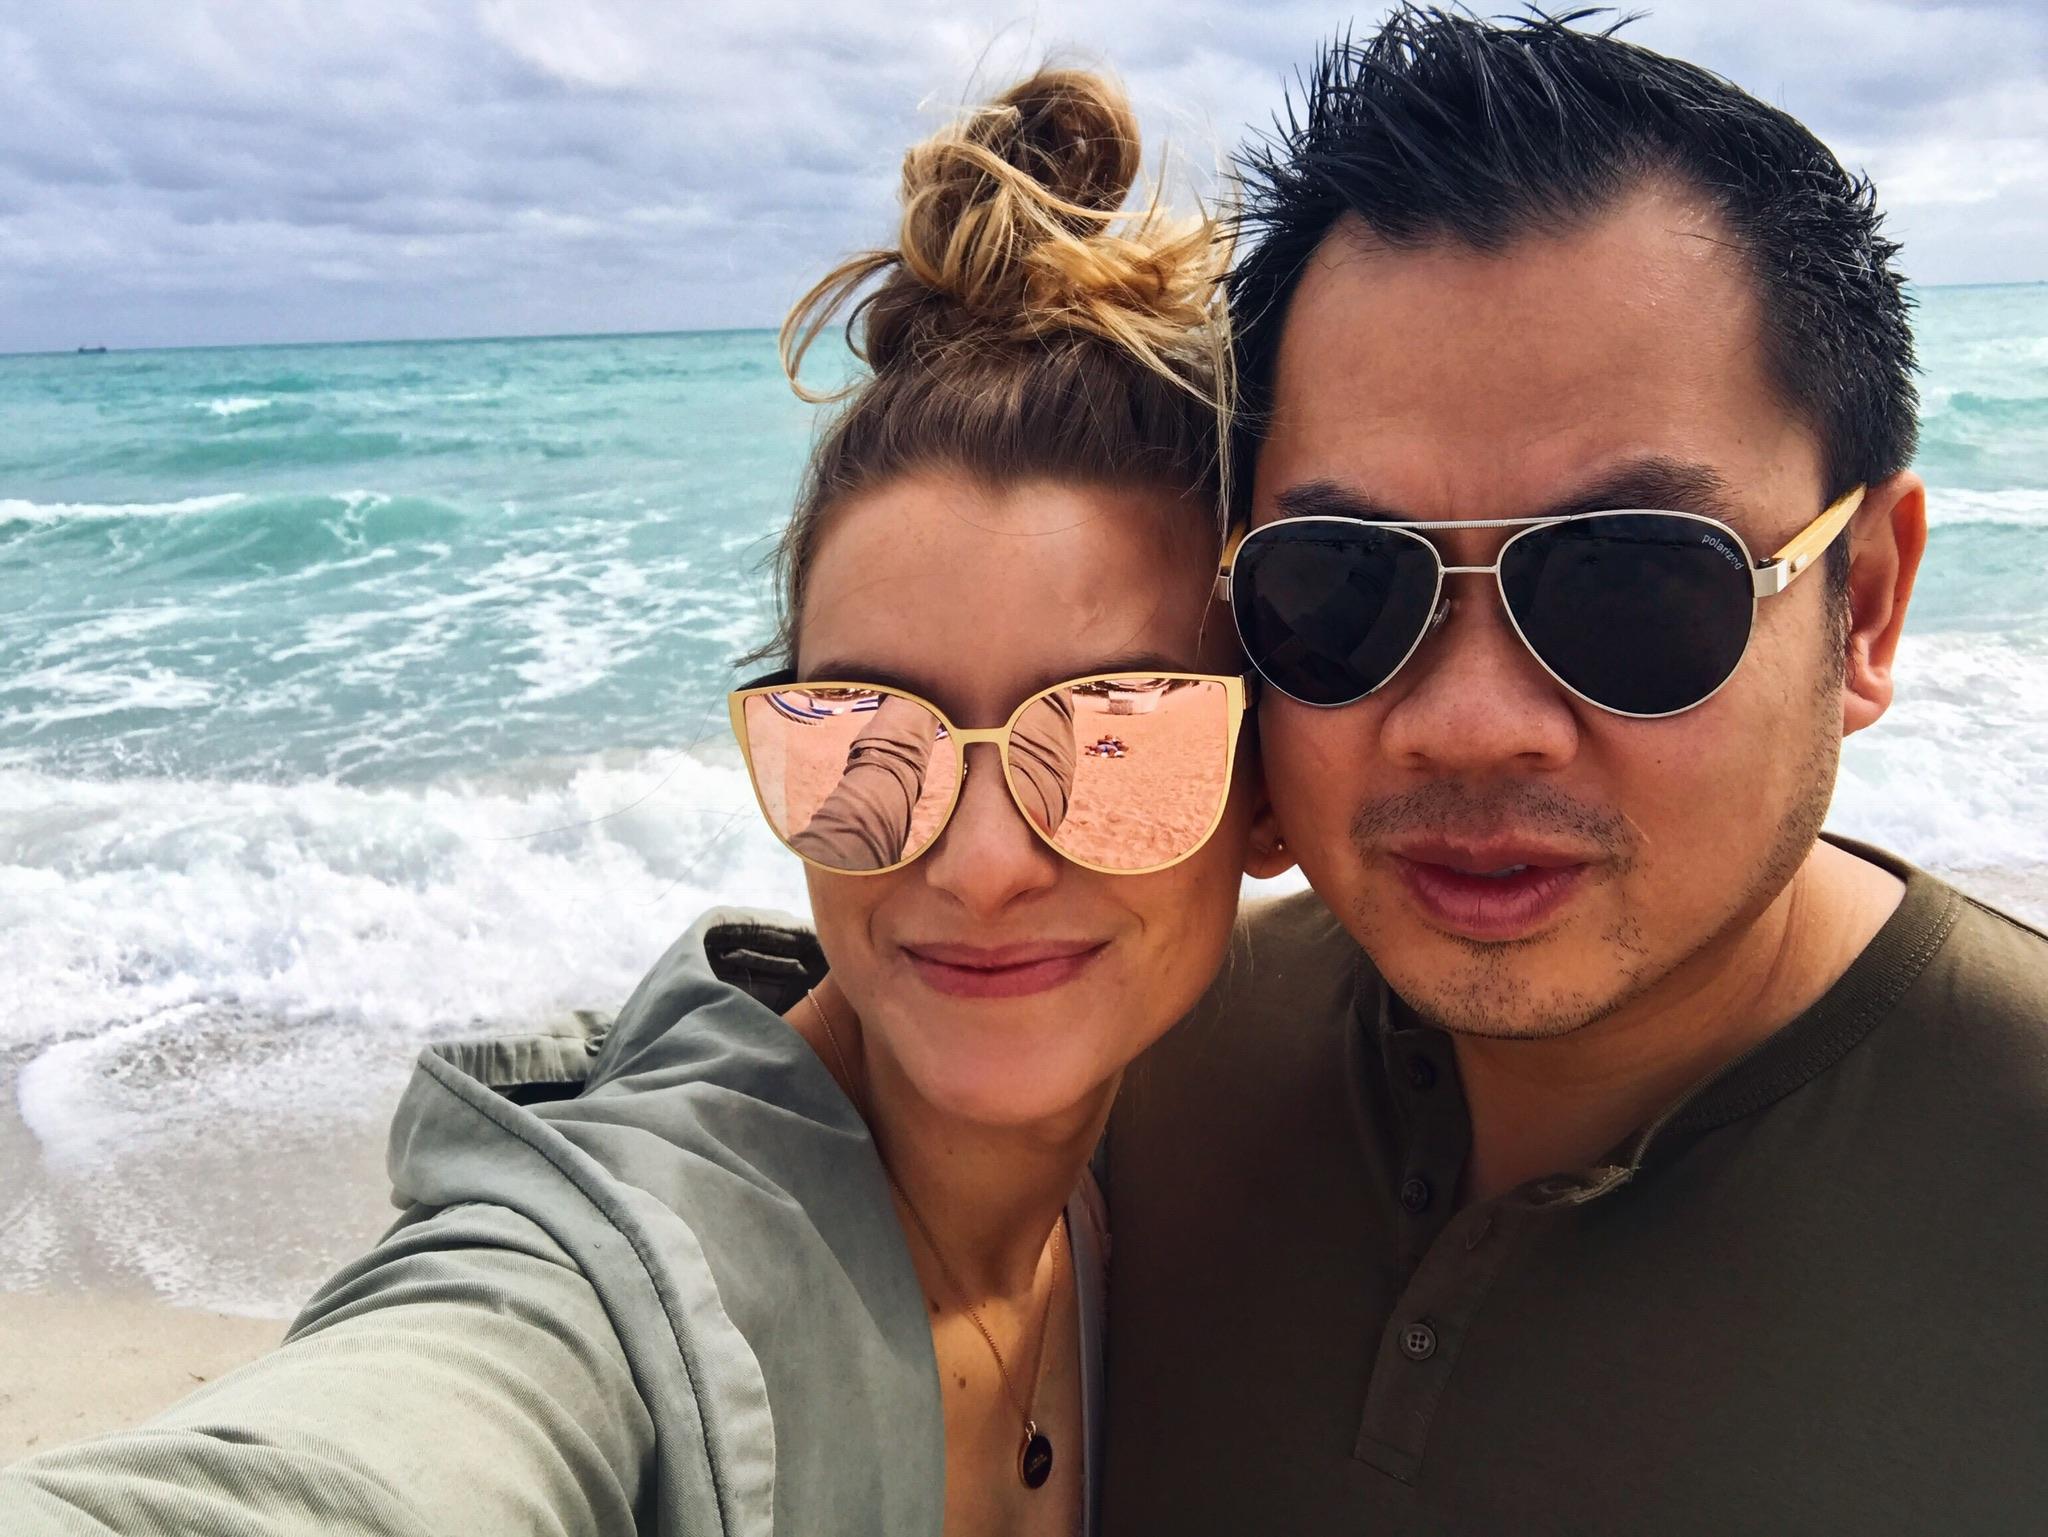 life-with-aco-miami-recap-travel-marco.jpg